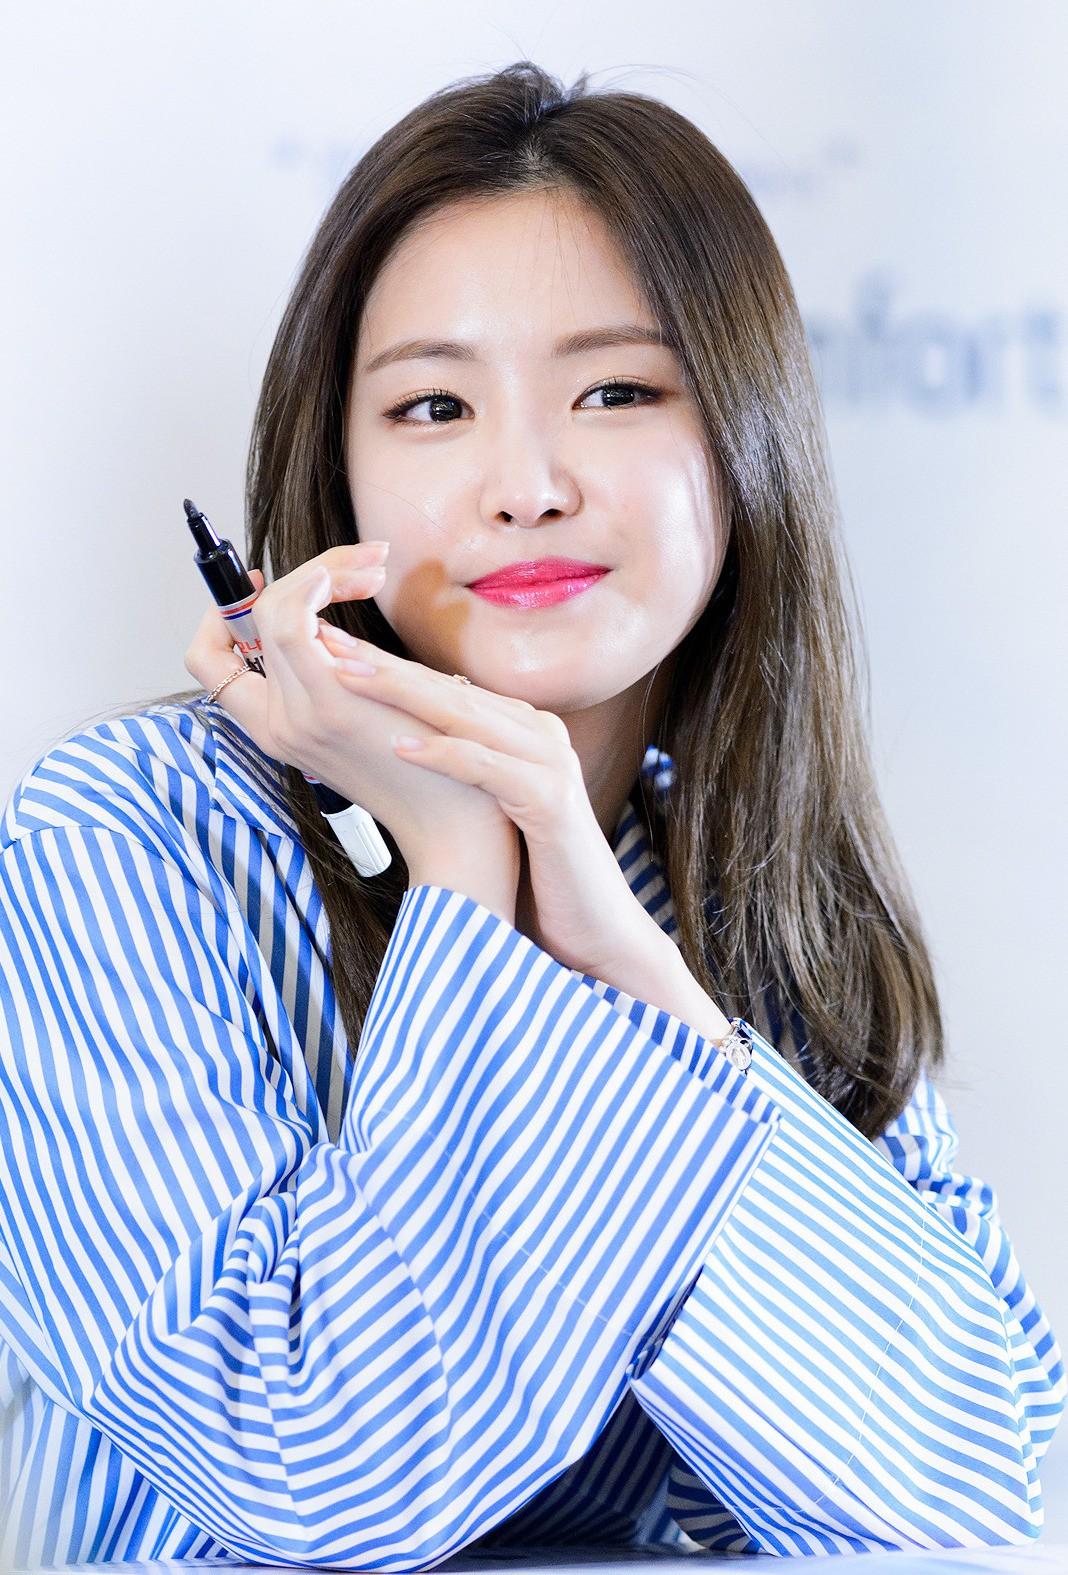 Mỹ nhân Kpop lộ mặt mộc: Kẻ già như bà thím, người được khen đẹp đến mức được xếp vào top 5% nhan sắc - Ảnh 15.